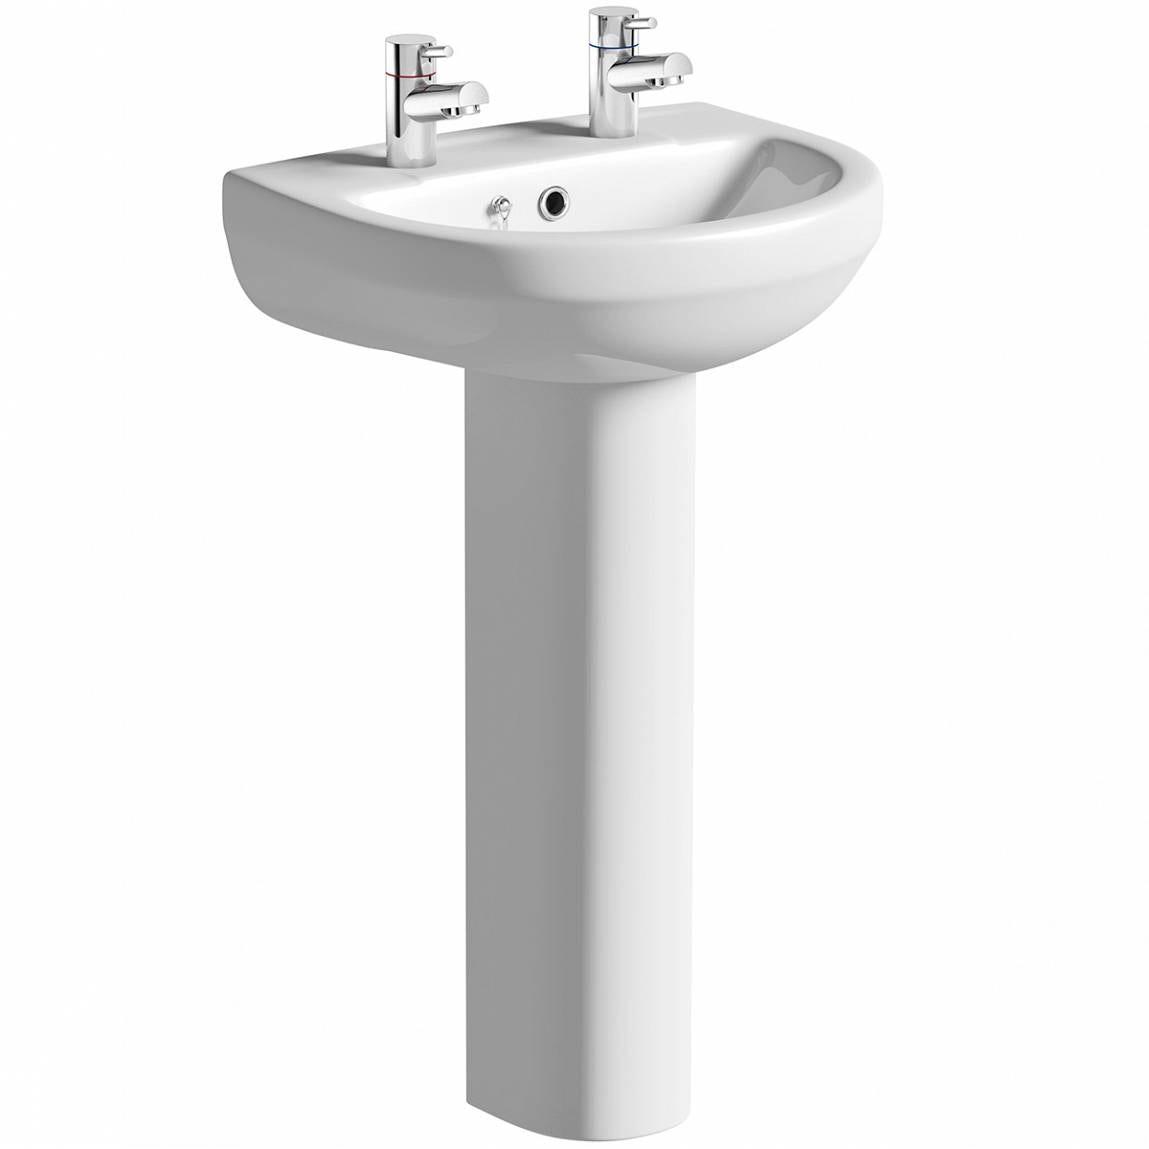 Orchard Eden 2 tap hole full pedestal basin